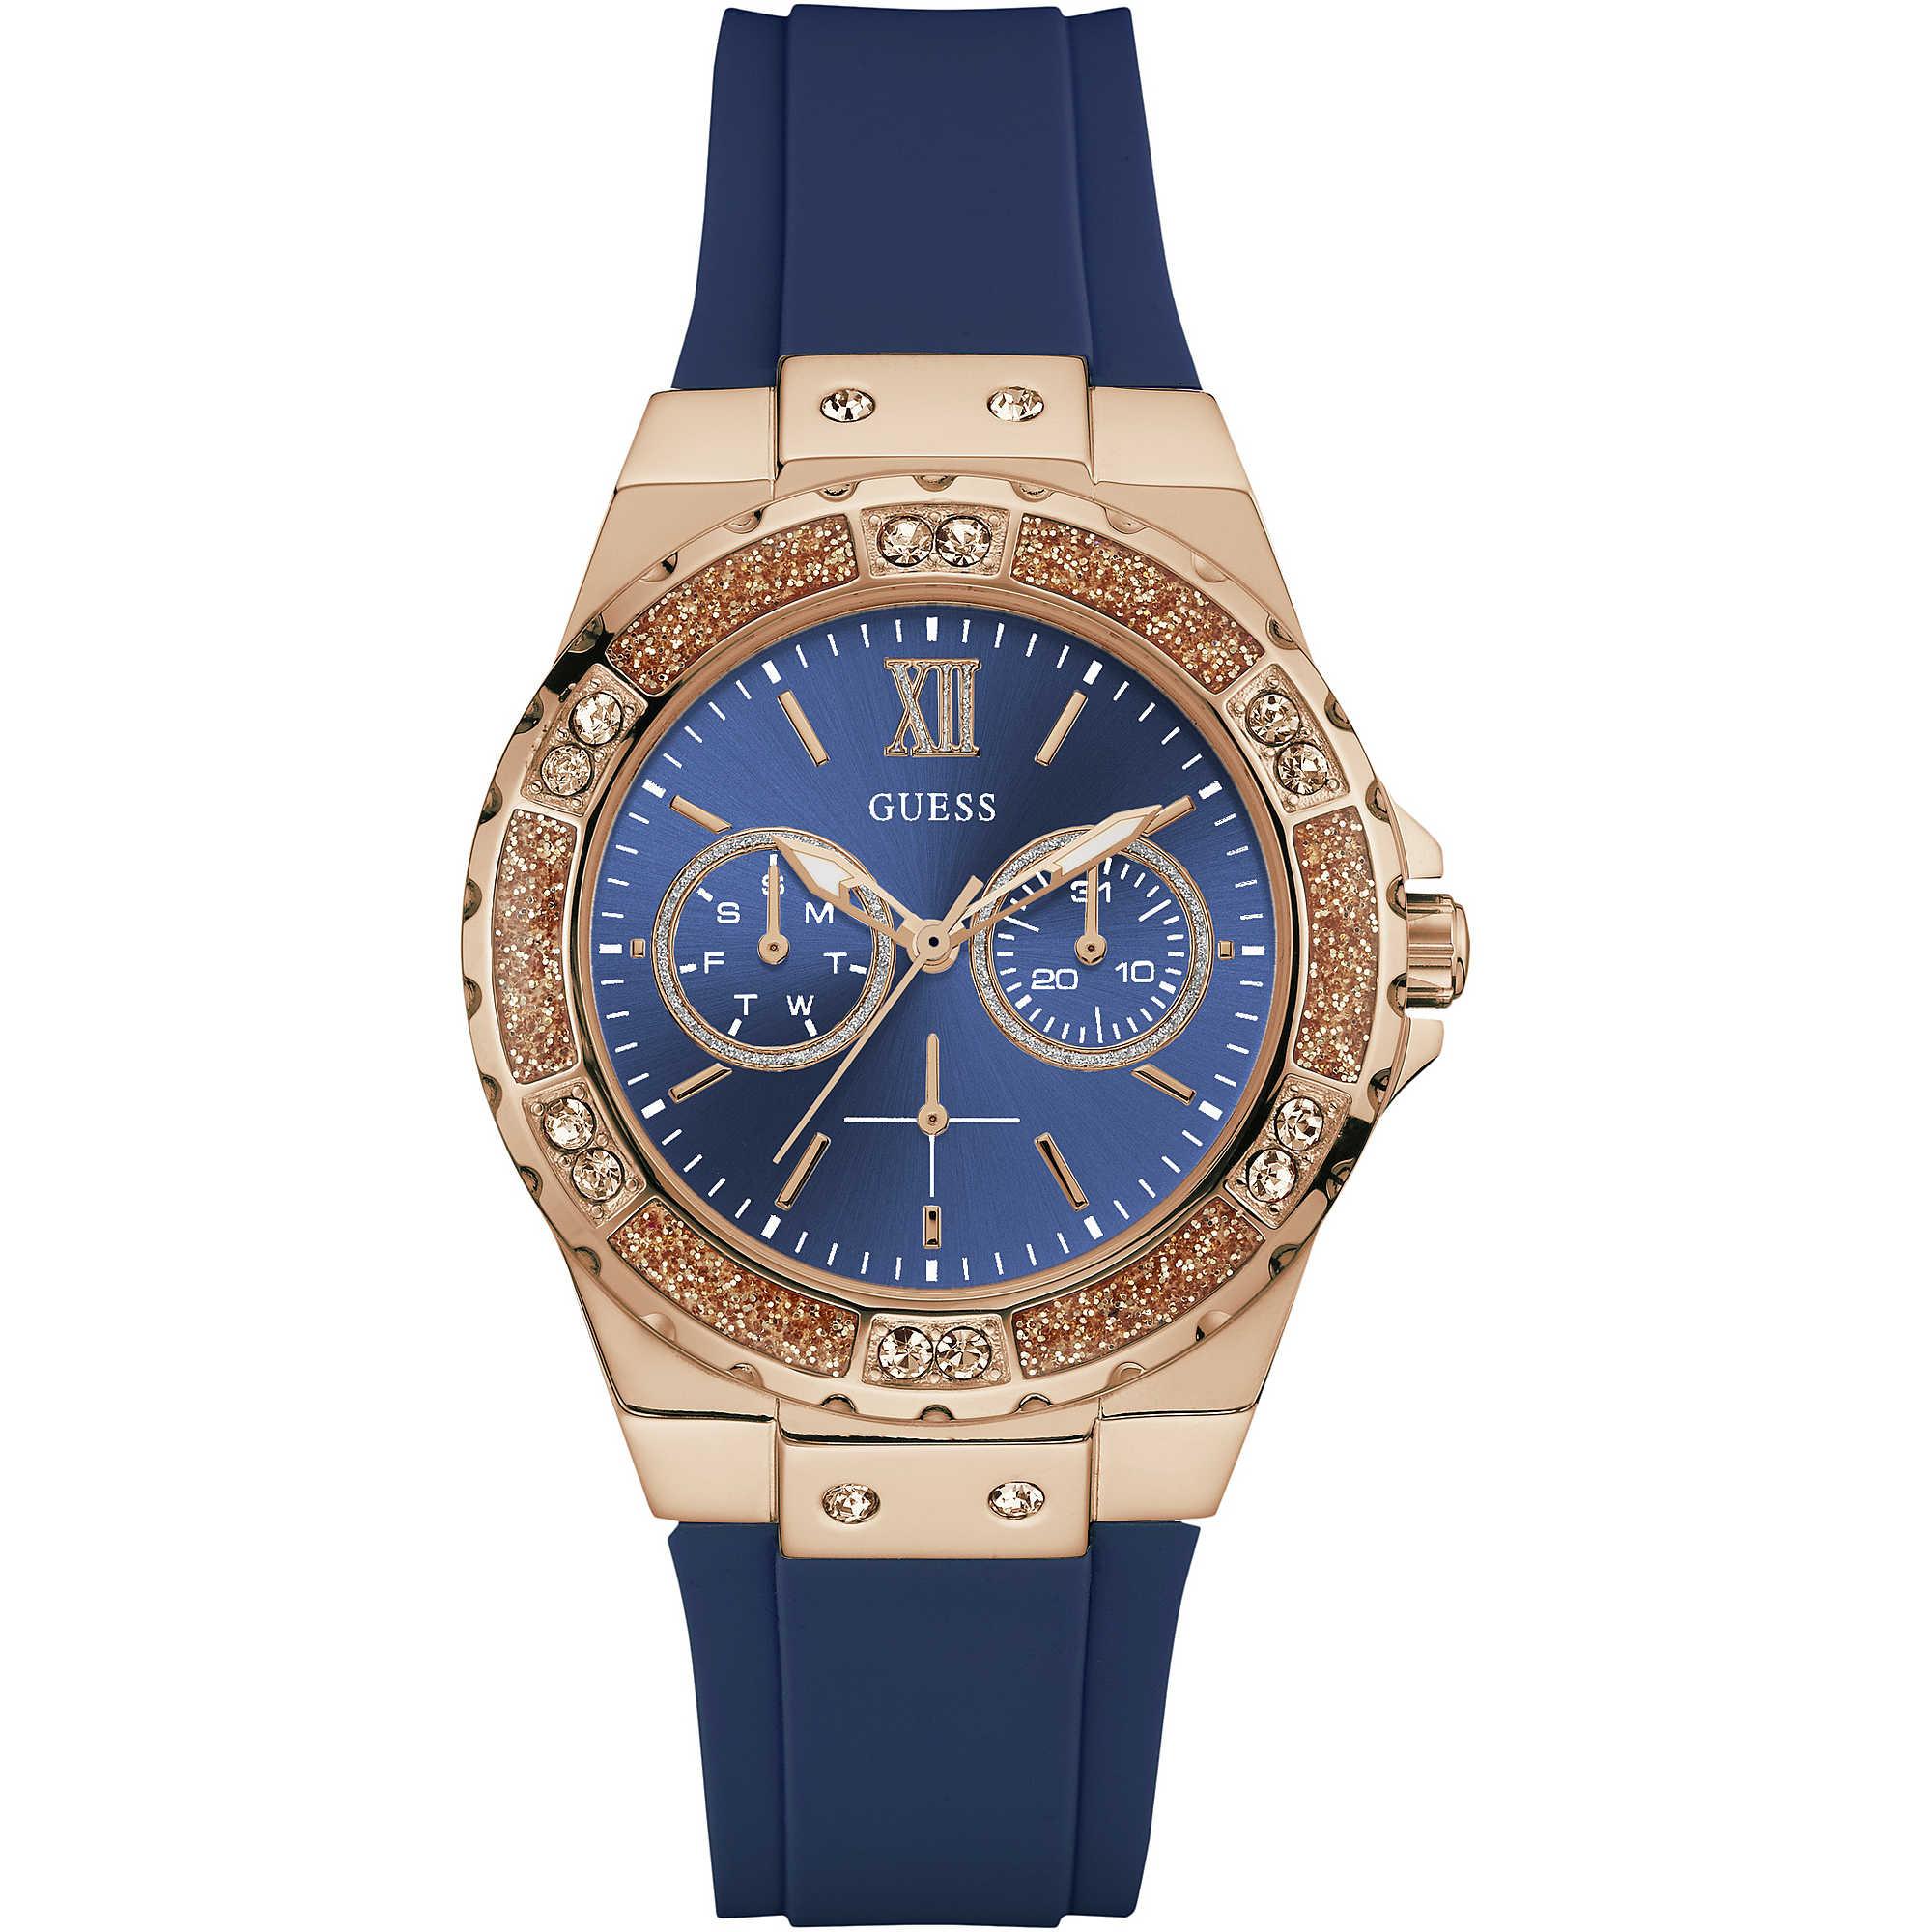 e278fee18df0 orologio multifunzione donna Guess Limelight W1053L1 orologio multifunzione donna  Guess Limelight W1053L1